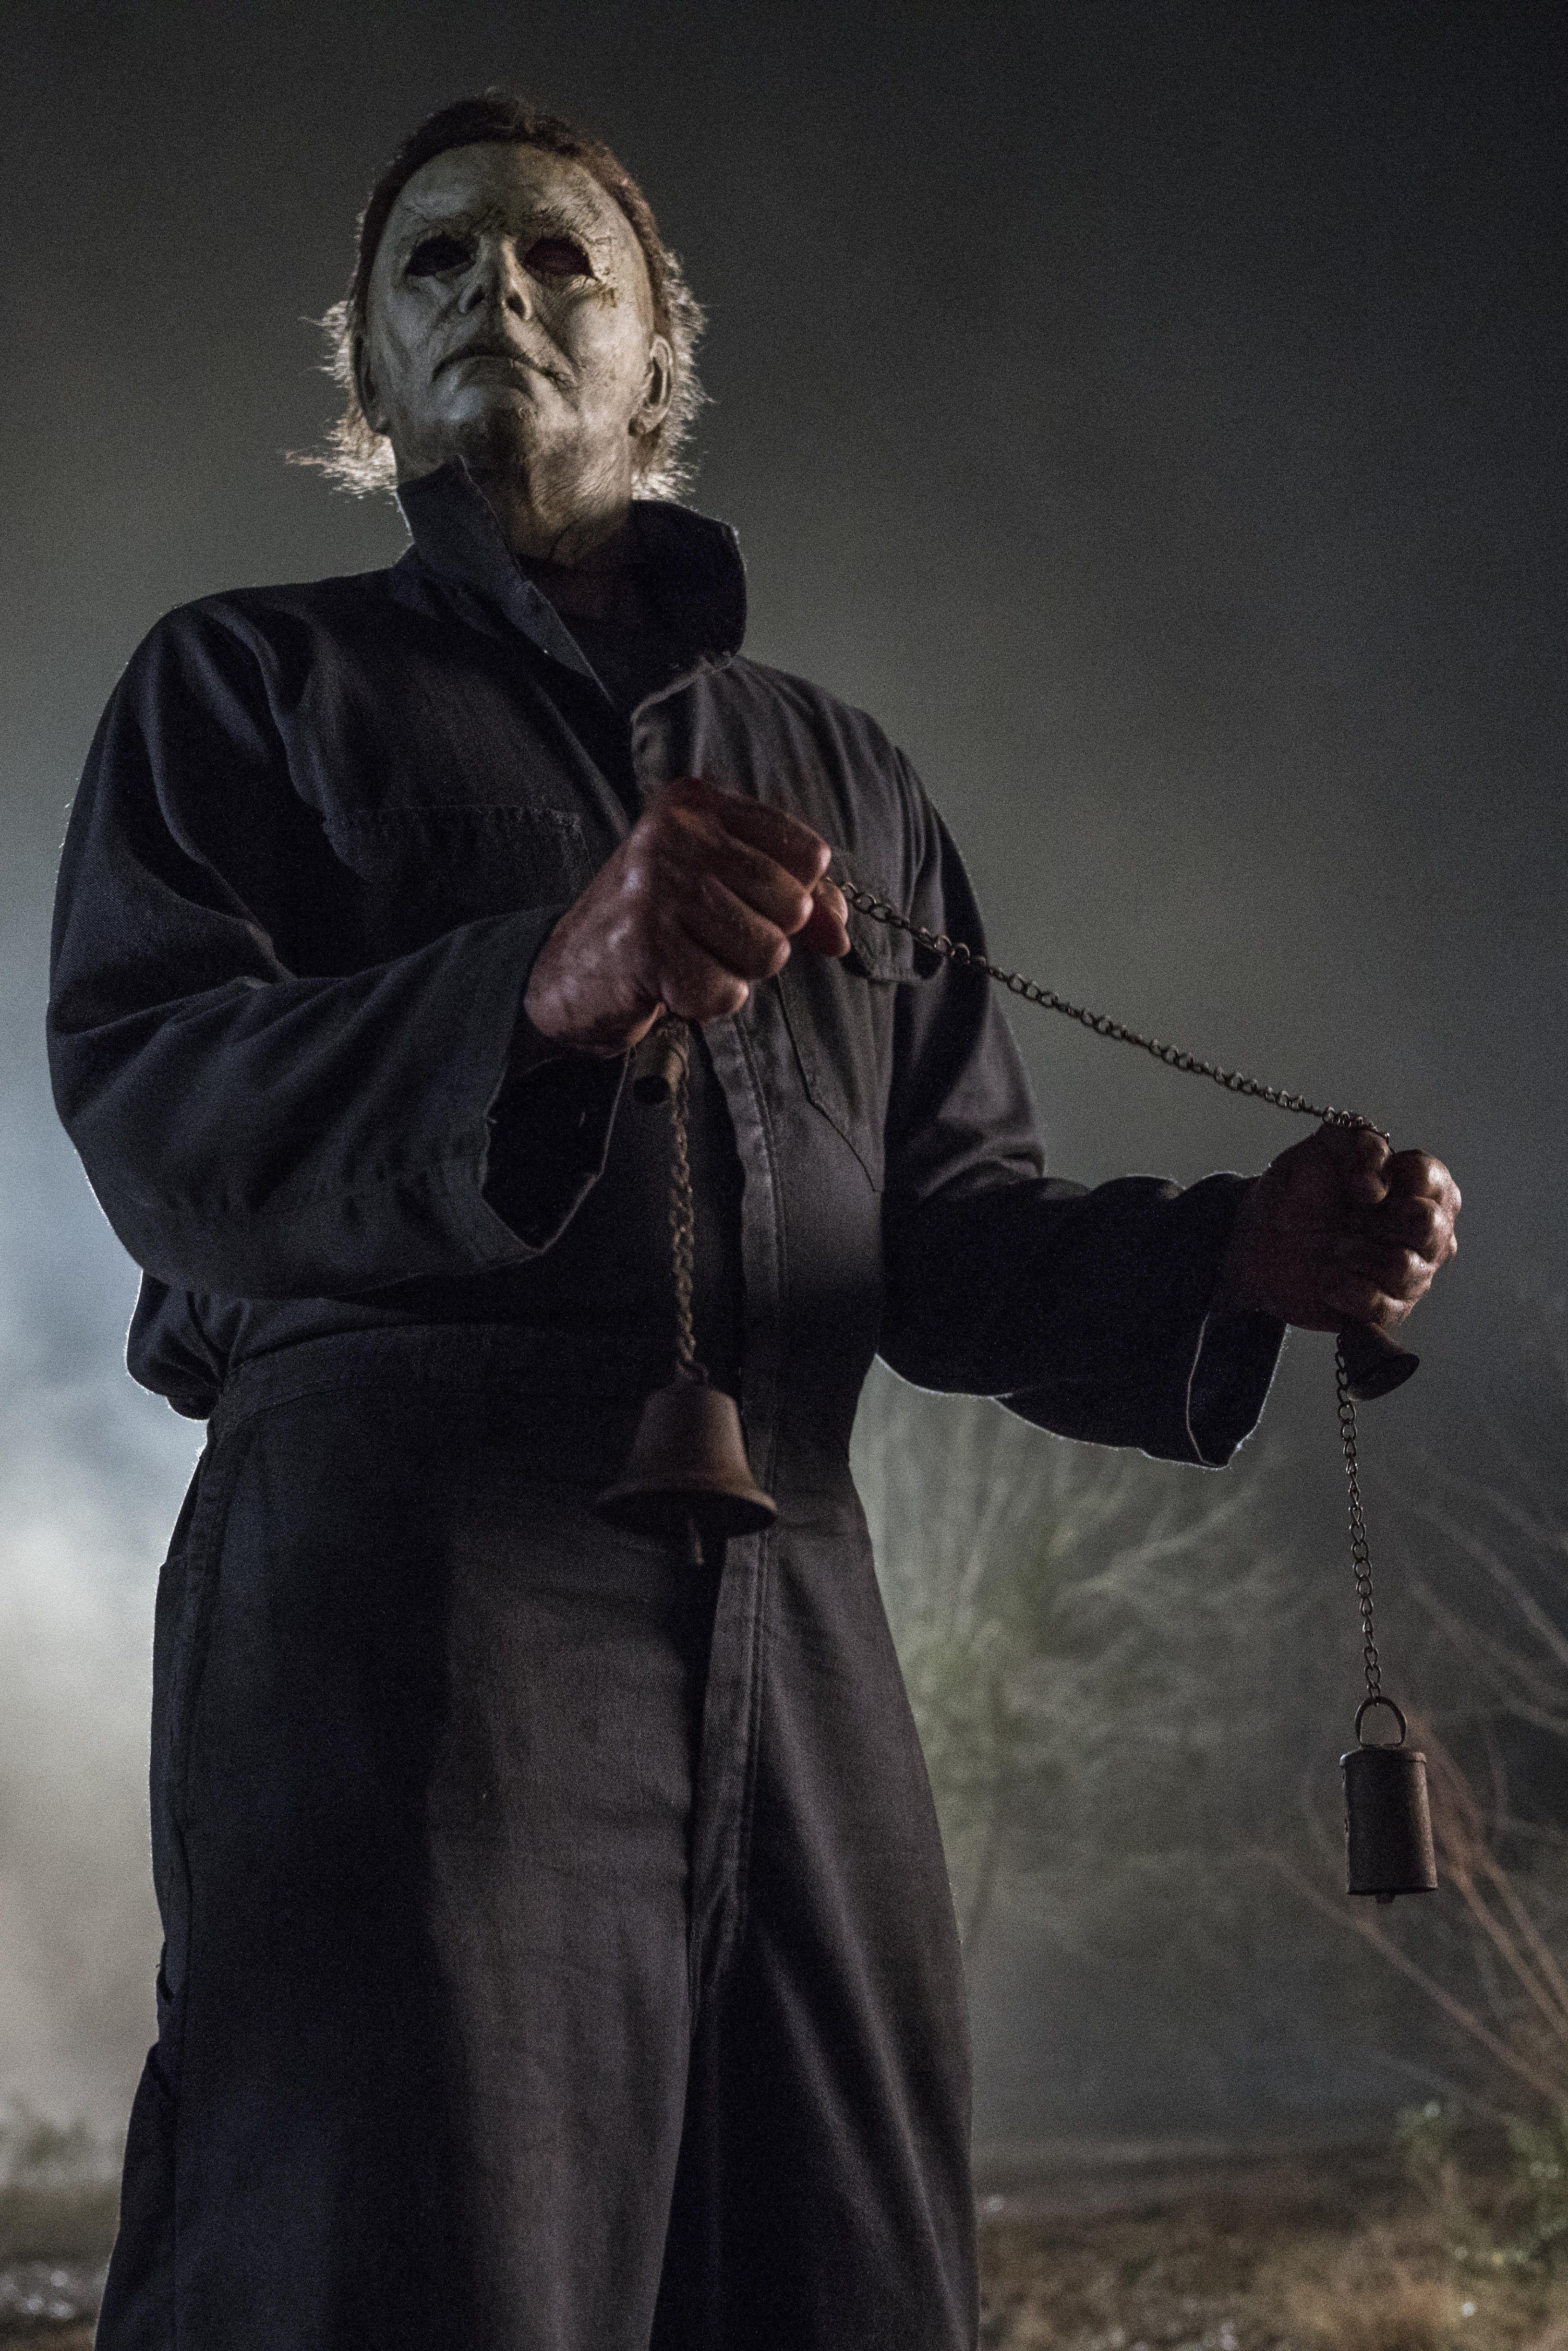 Halloween ジェイミー・リー・カーティスが主演に復帰した正・続編の「ハロウィン」が、シリーズの真の決着へ